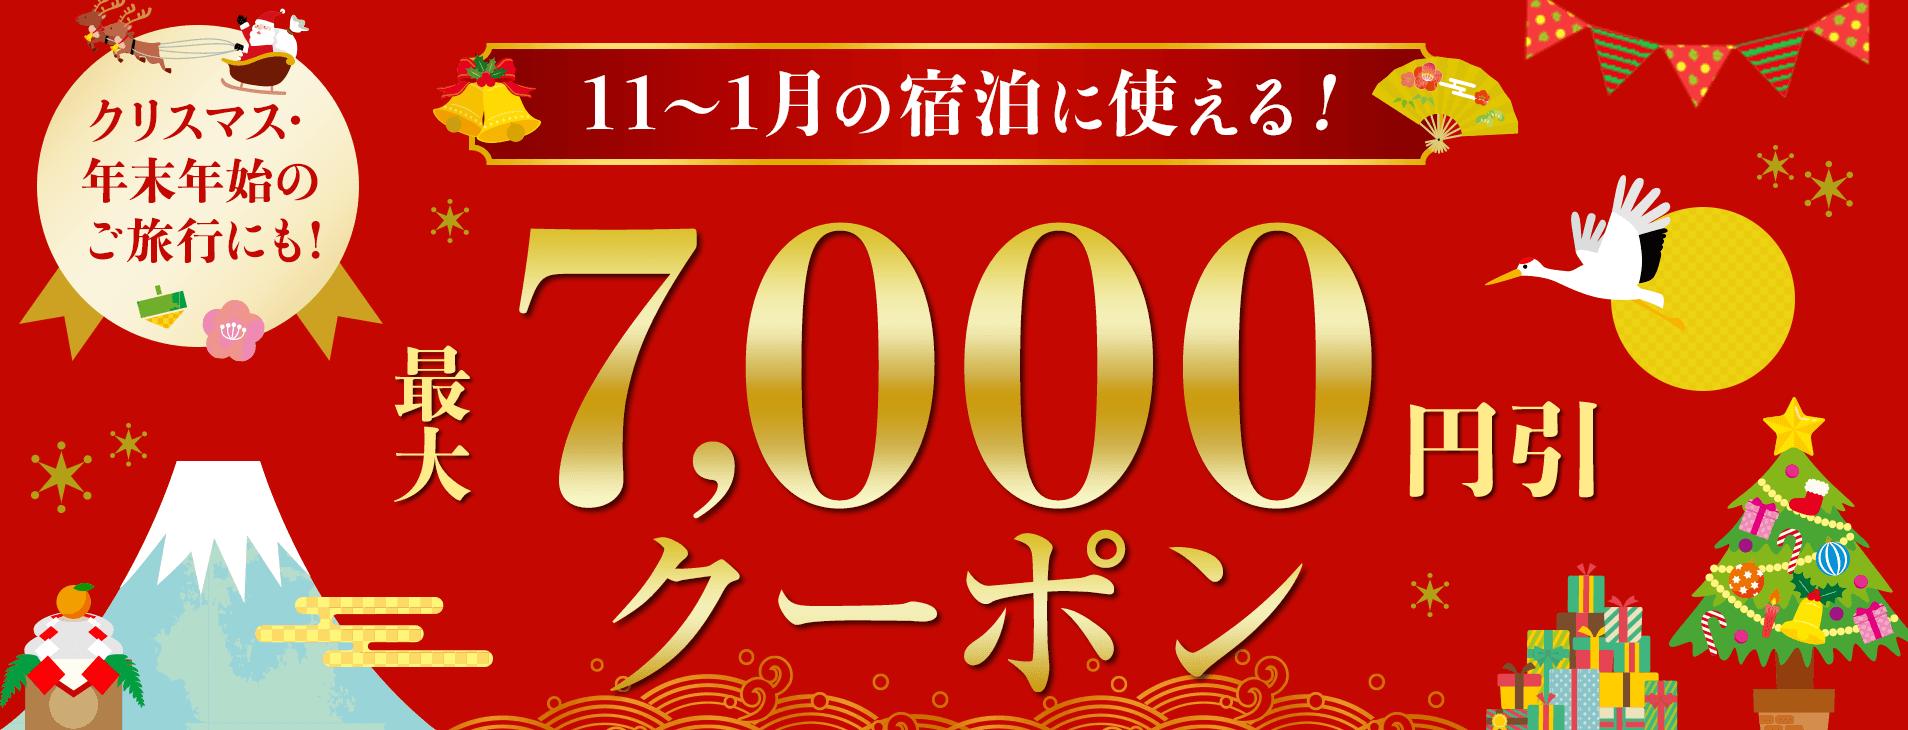 るるぶトラベルの国内ホテル・宿予約が最大7,000円割引クーポン